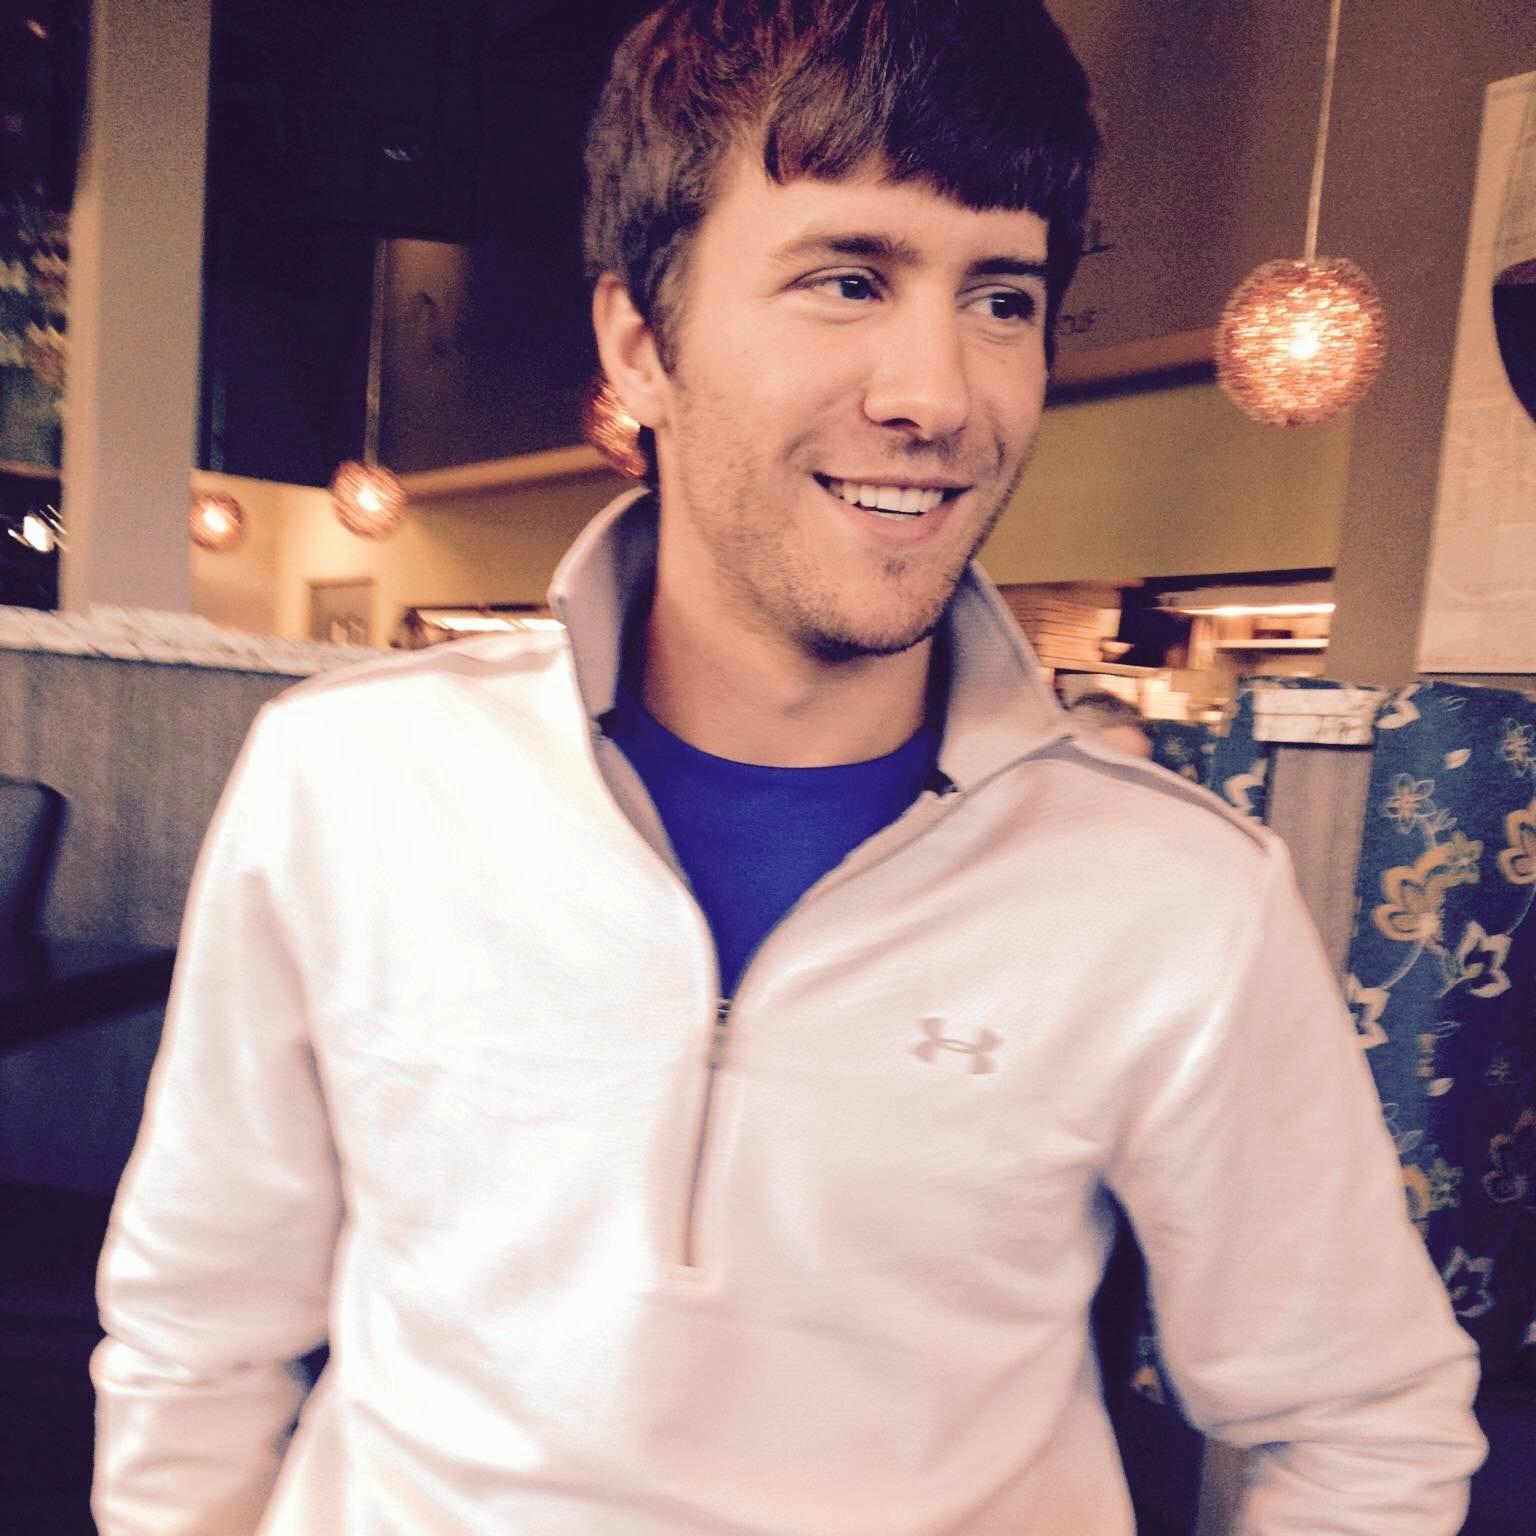 Austin M. teaches tennis lessons in Eagle, ID